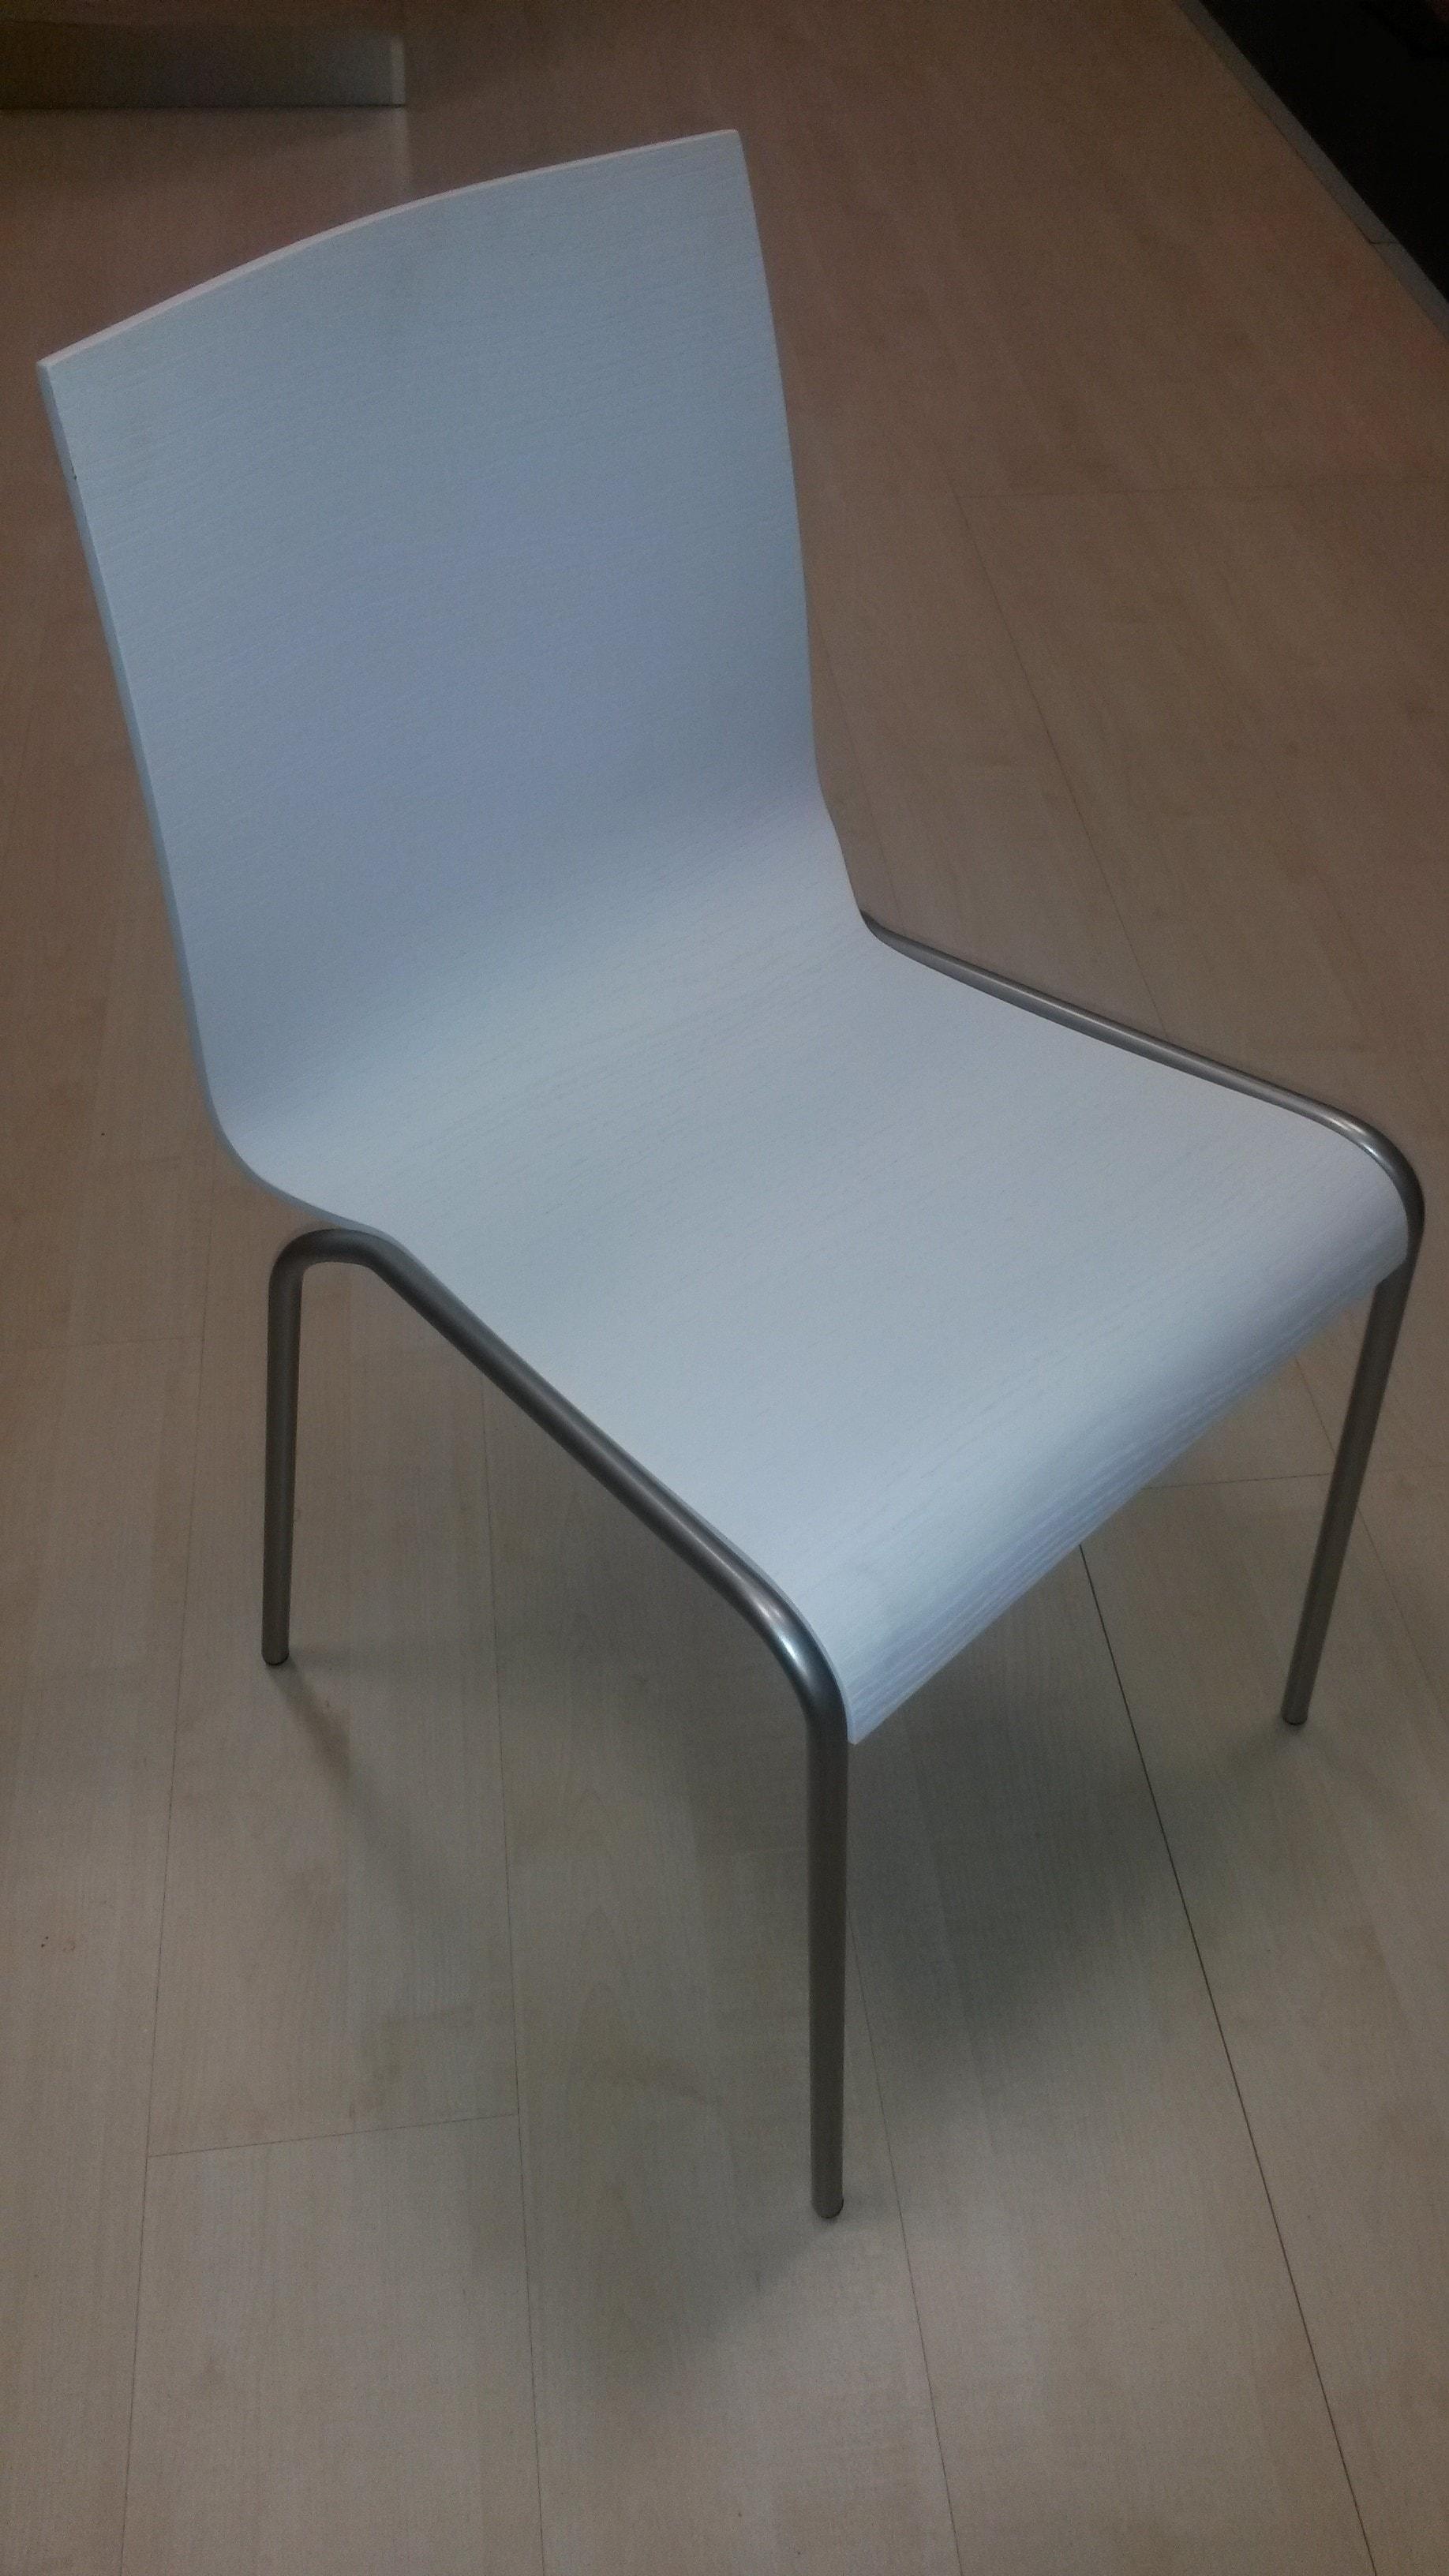 Sedie wien calligaris cream sedie in legno e plastica - Sedia wien calligaris ...